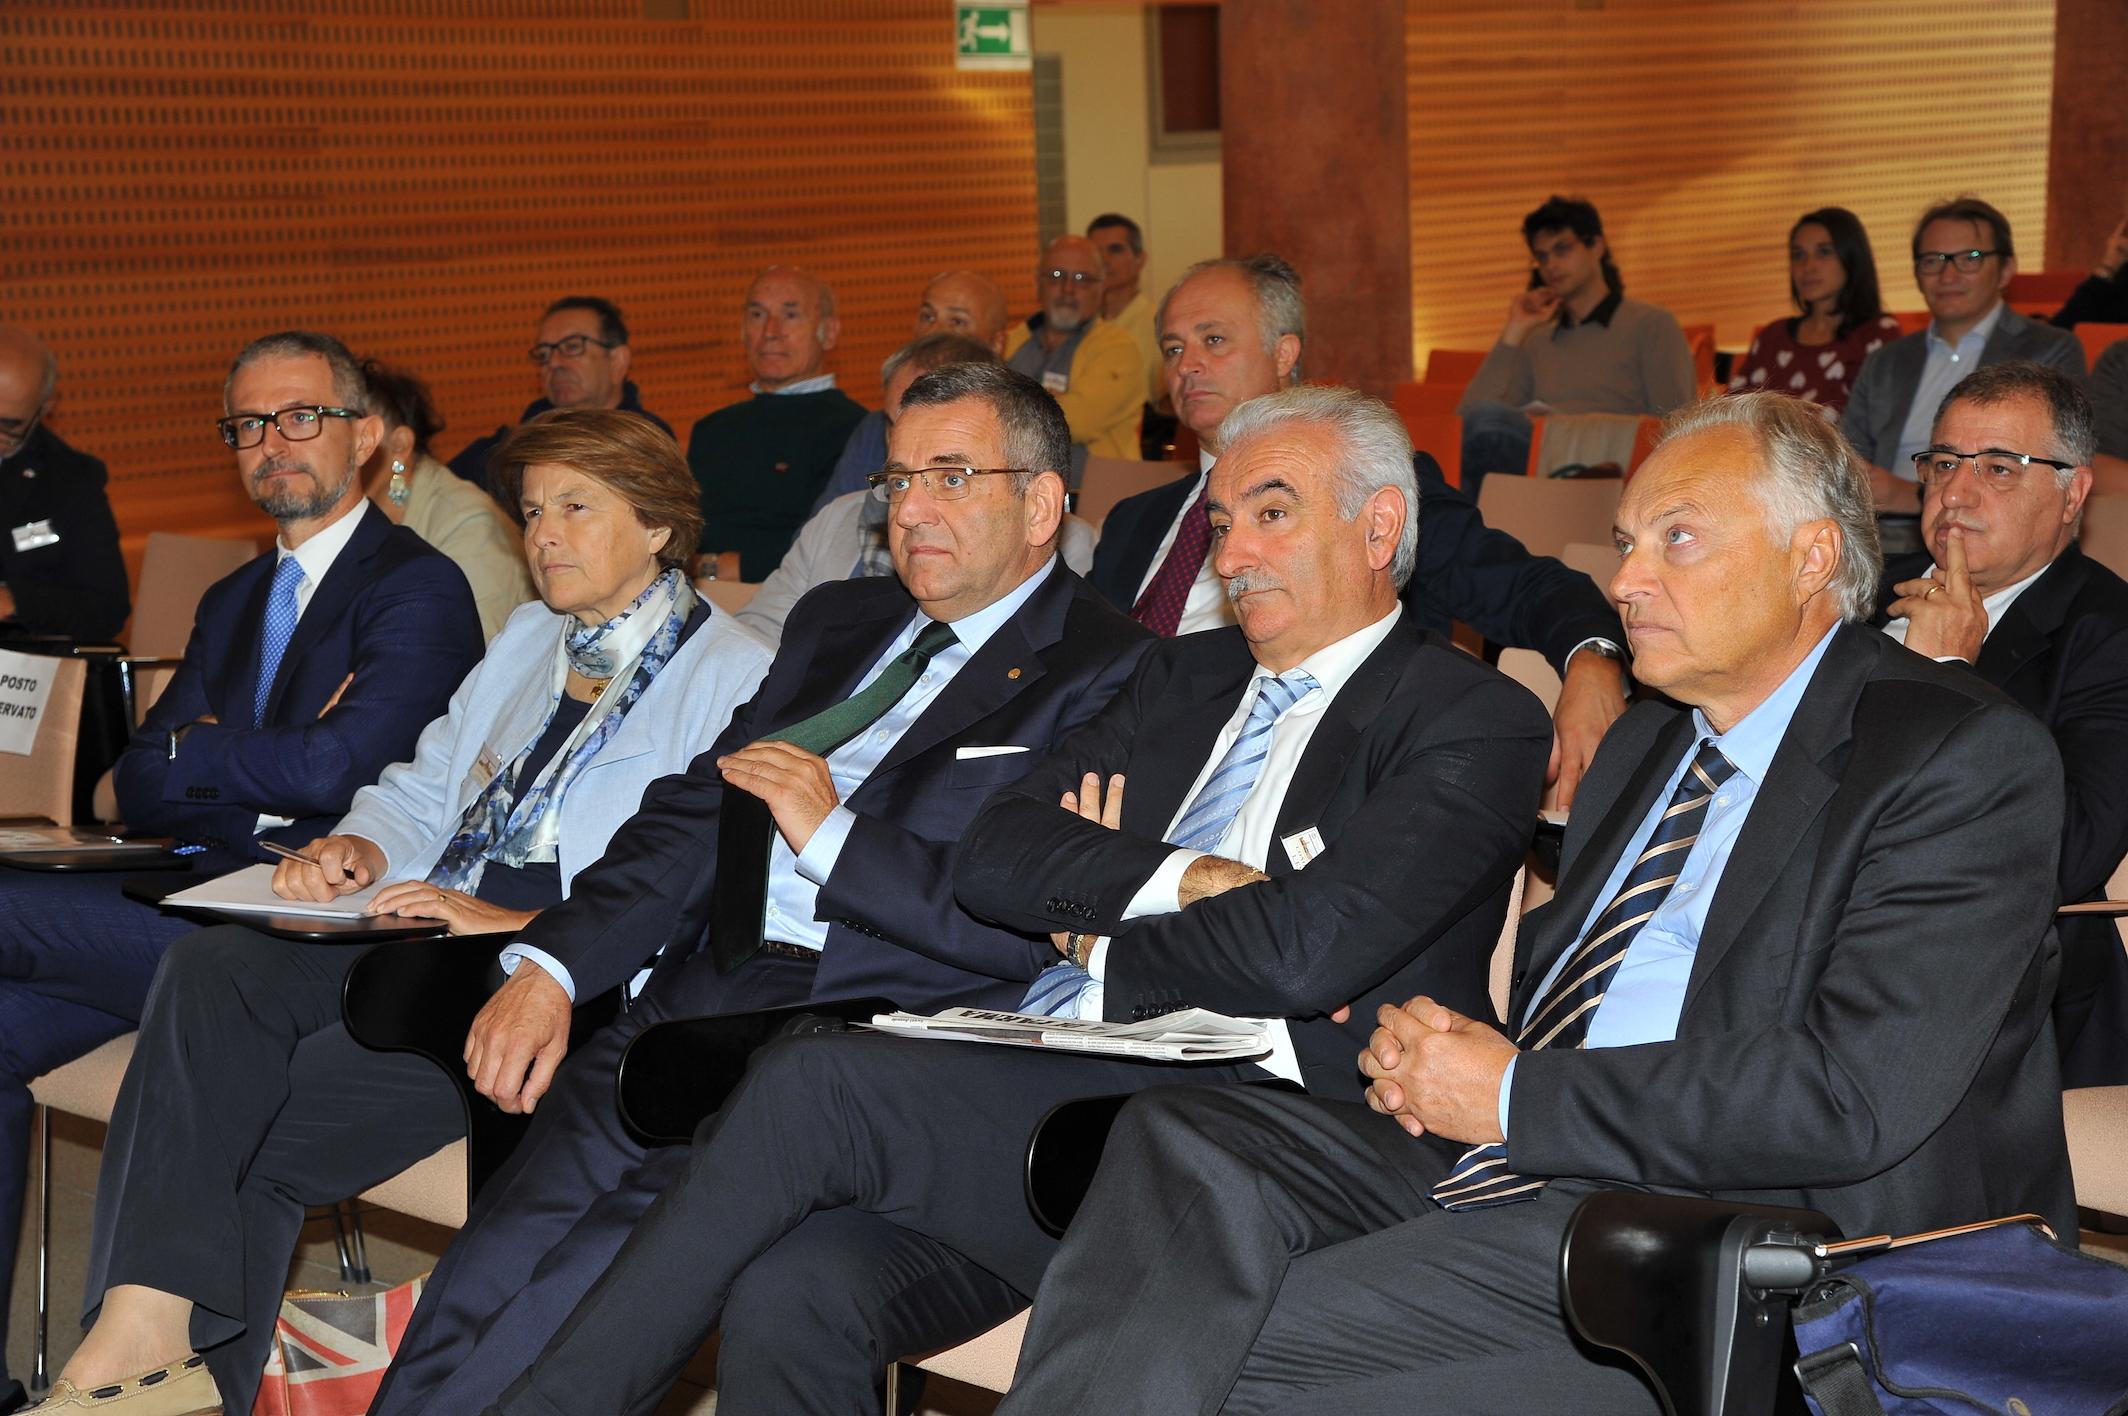 Ospiti del Convegno ENPAM CAO Reggio Emilia